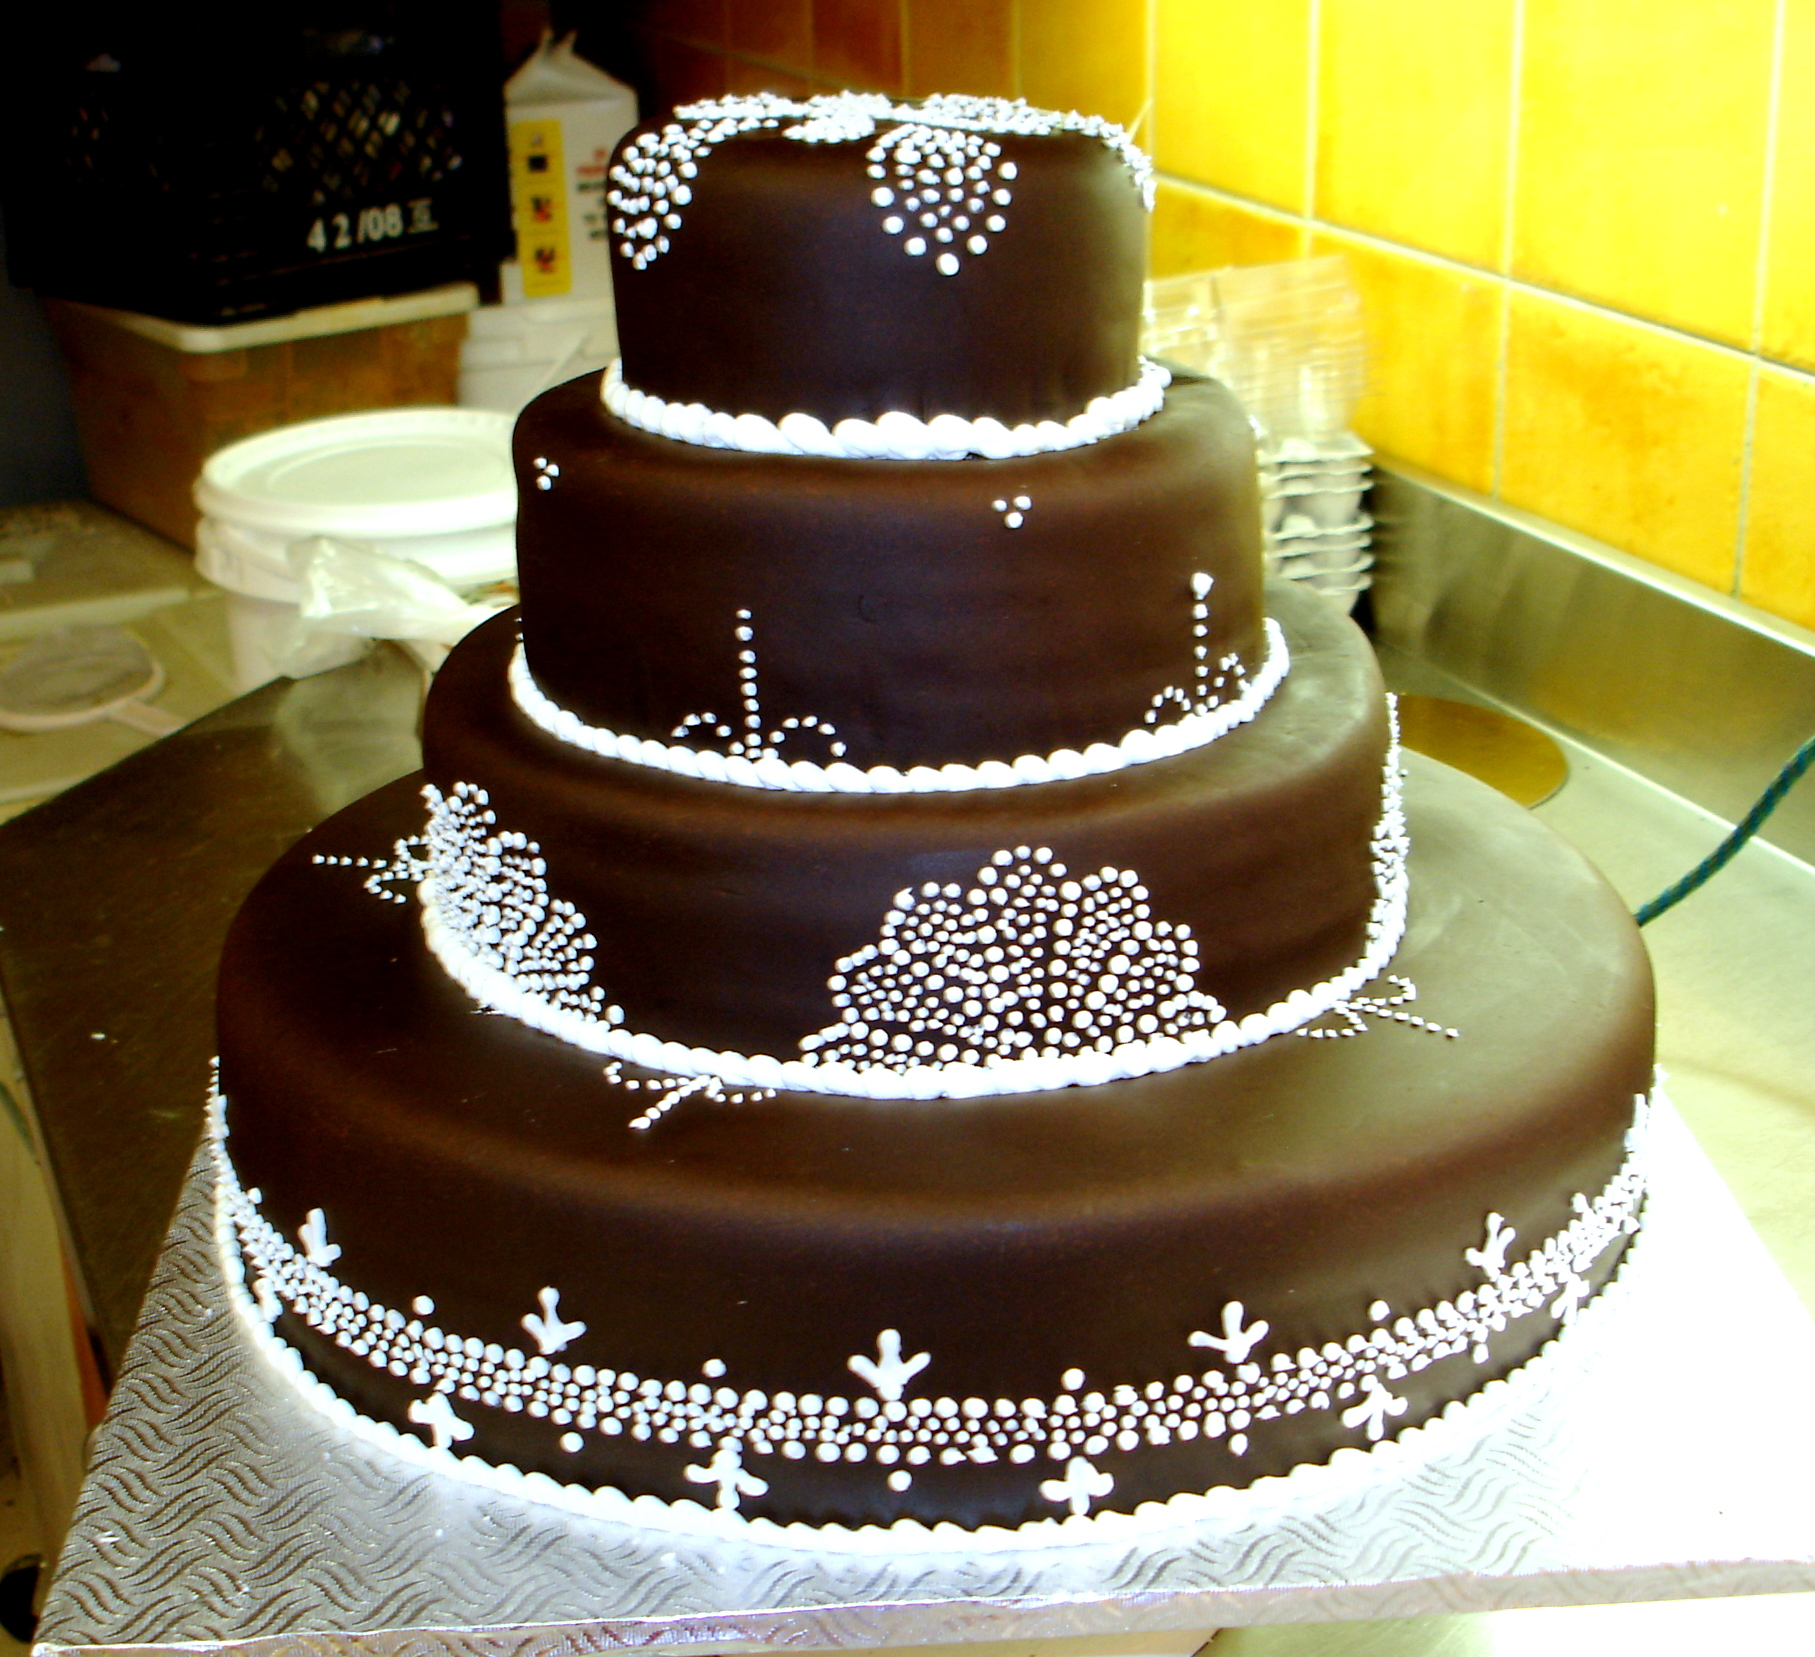 Drawn wedding cake Designs Cake : Cake Cake